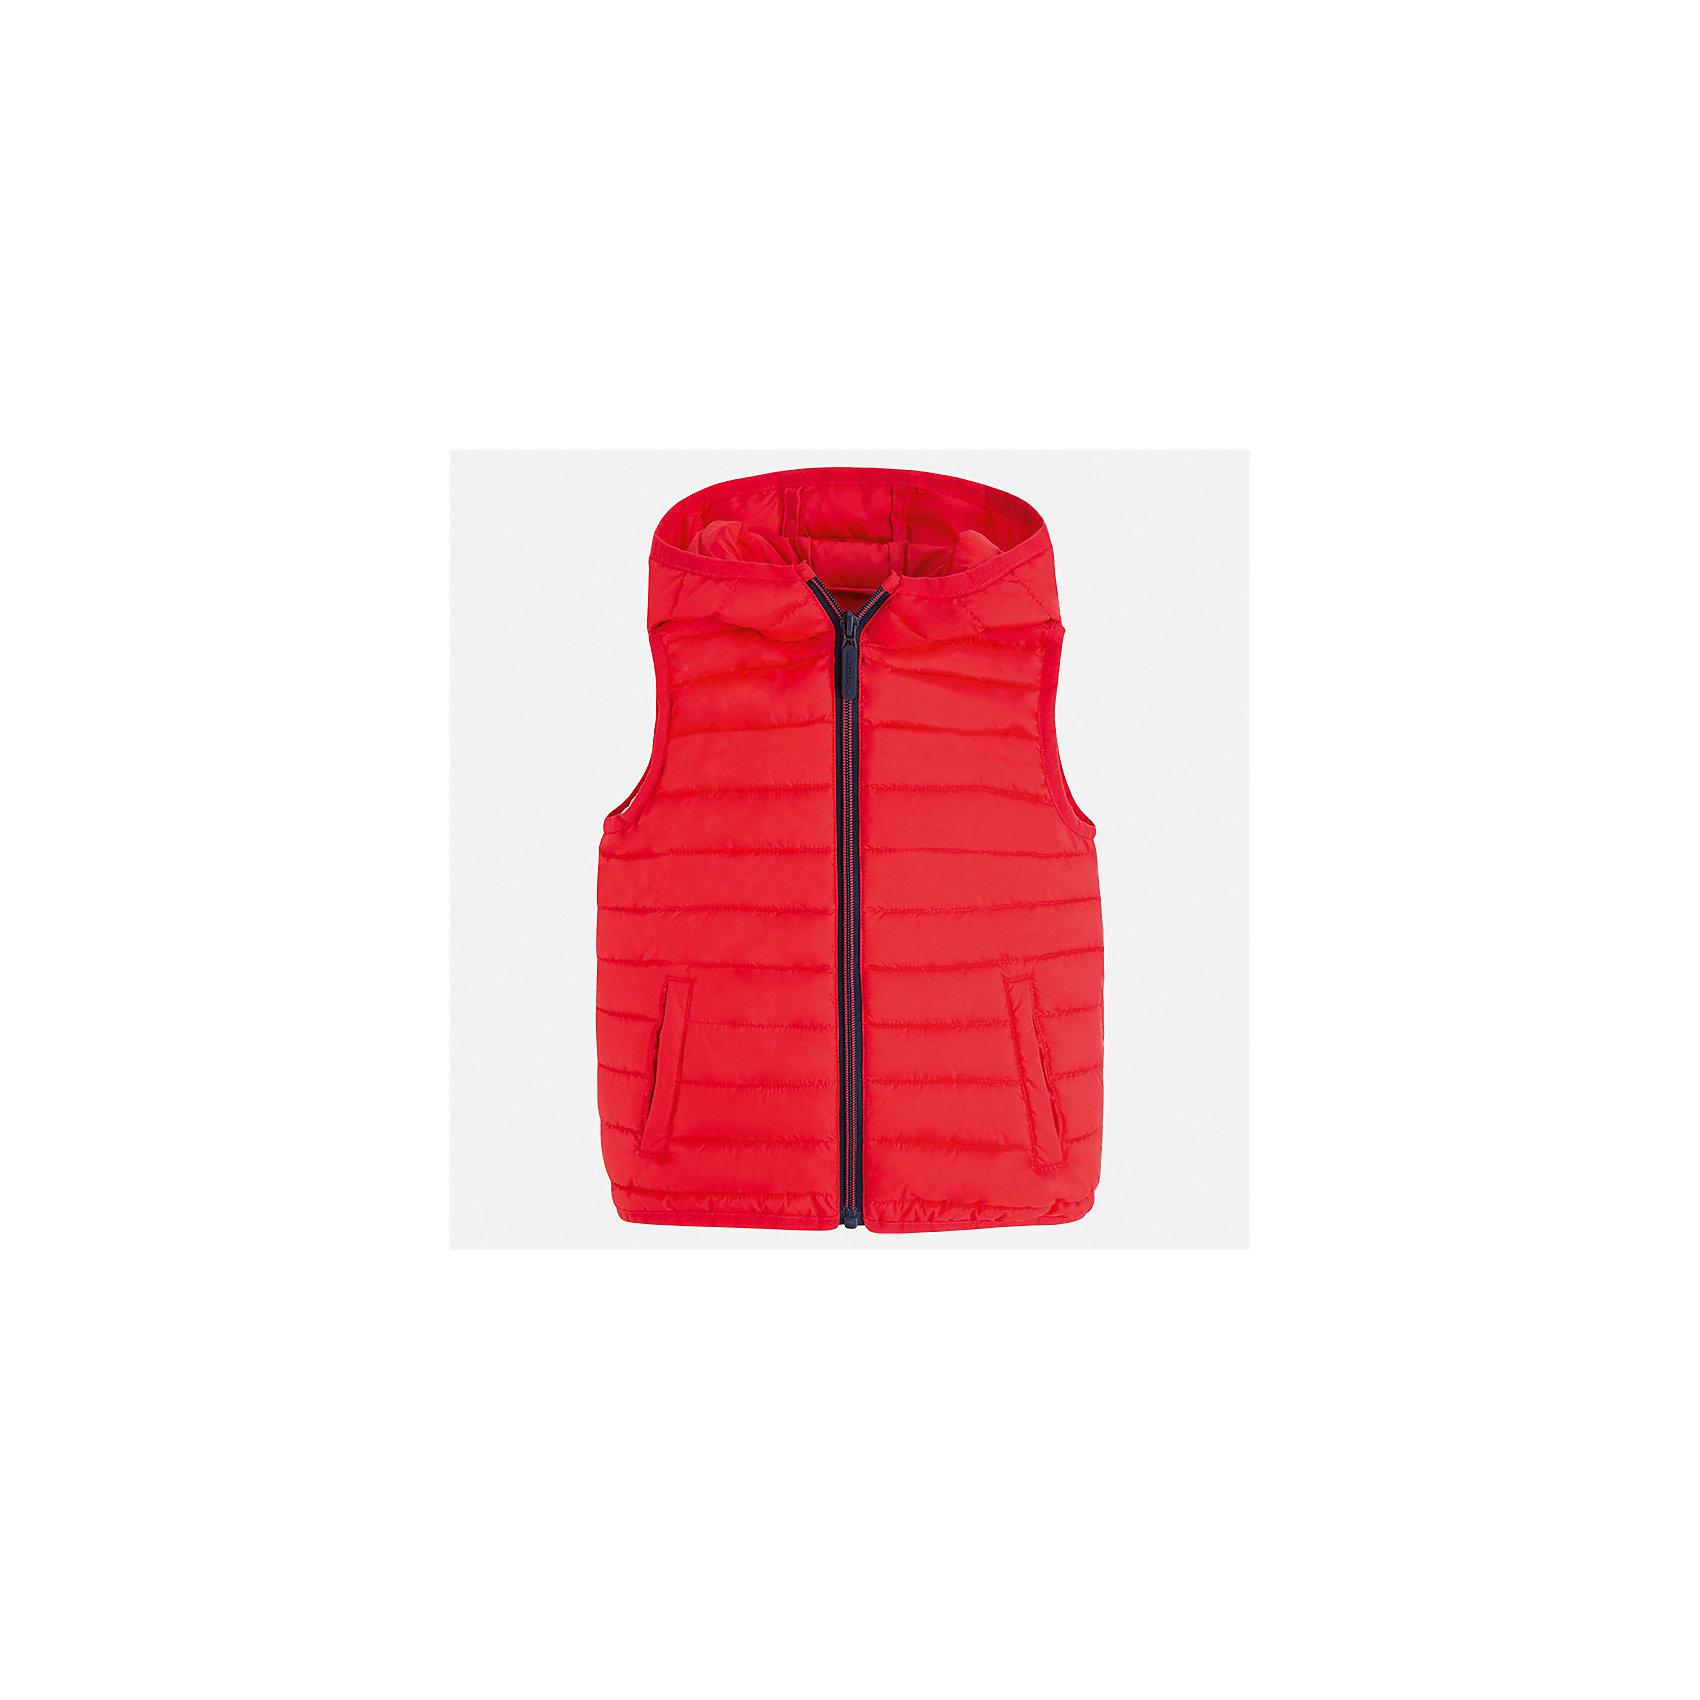 Жилет для мальчика MayoralВерхняя одежда<br>Характеристики товара:<br><br>• цвет: красный<br>• состав: 100% полиэстер<br>• температурный режим: от +20°до +10°С<br>• без рукавов<br>• карманы<br>• молния <br>• капюшон<br>• страна бренда: Испания<br><br>Стильный жилет для мальчика поможет разнообразить гардероб ребенка и обеспечить тепло. Он отлично сочетается и с джинсами, и с брюками. Универсальный цвет позволяет подобрать к вещи низ различных расцветок. Модное и практичное изделие.<br><br>Одежда, обувь и аксессуары от испанского бренда Mayoral полюбились детям и взрослым по всему миру. Модели этой марки - стильные и удобные. Для их производства используются только безопасные, качественные материалы и фурнитура. Порадуйте ребенка модными и красивыми вещами от Mayoral! <br><br>Жилет для мальчика от испанского бренда Mayoral (Майорал) можно купить в нашем интернет-магазине.<br><br>Ширина мм: 190<br>Глубина мм: 74<br>Высота мм: 229<br>Вес г: 236<br>Цвет: розовый<br>Возраст от месяцев: 24<br>Возраст до месяцев: 36<br>Пол: Мужской<br>Возраст: Детский<br>Размер: 98,104,134,122,110,116,128,92<br>SKU: 5280468